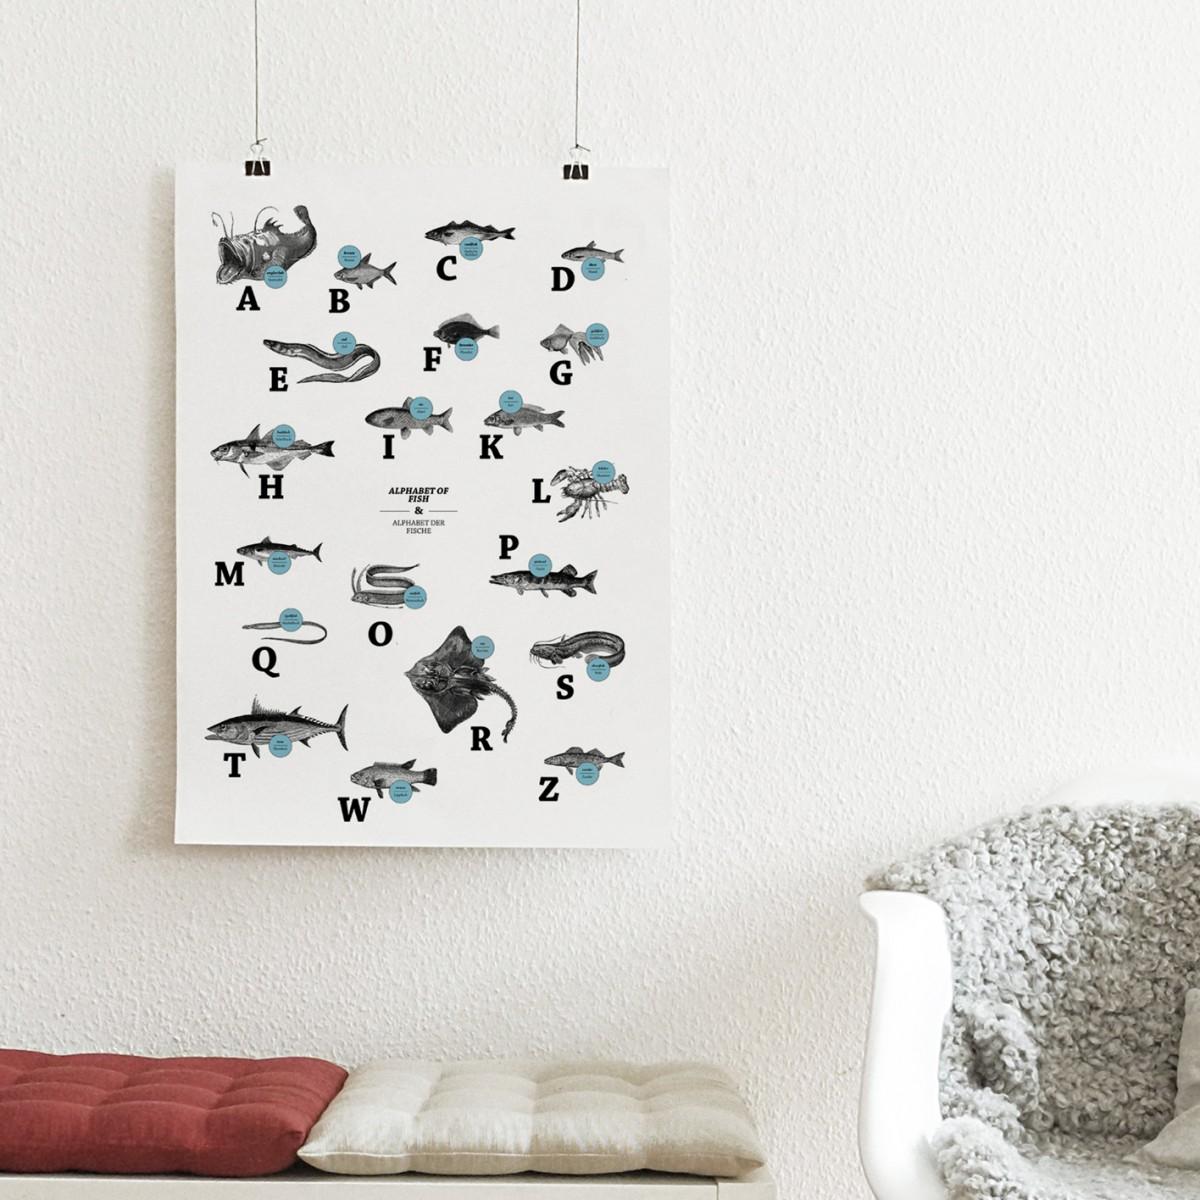 The True Type Poster, ABC der Fische / alphabet of fish in Deutsch/Englisch, DIN A1, Plakat, Typografie, Design